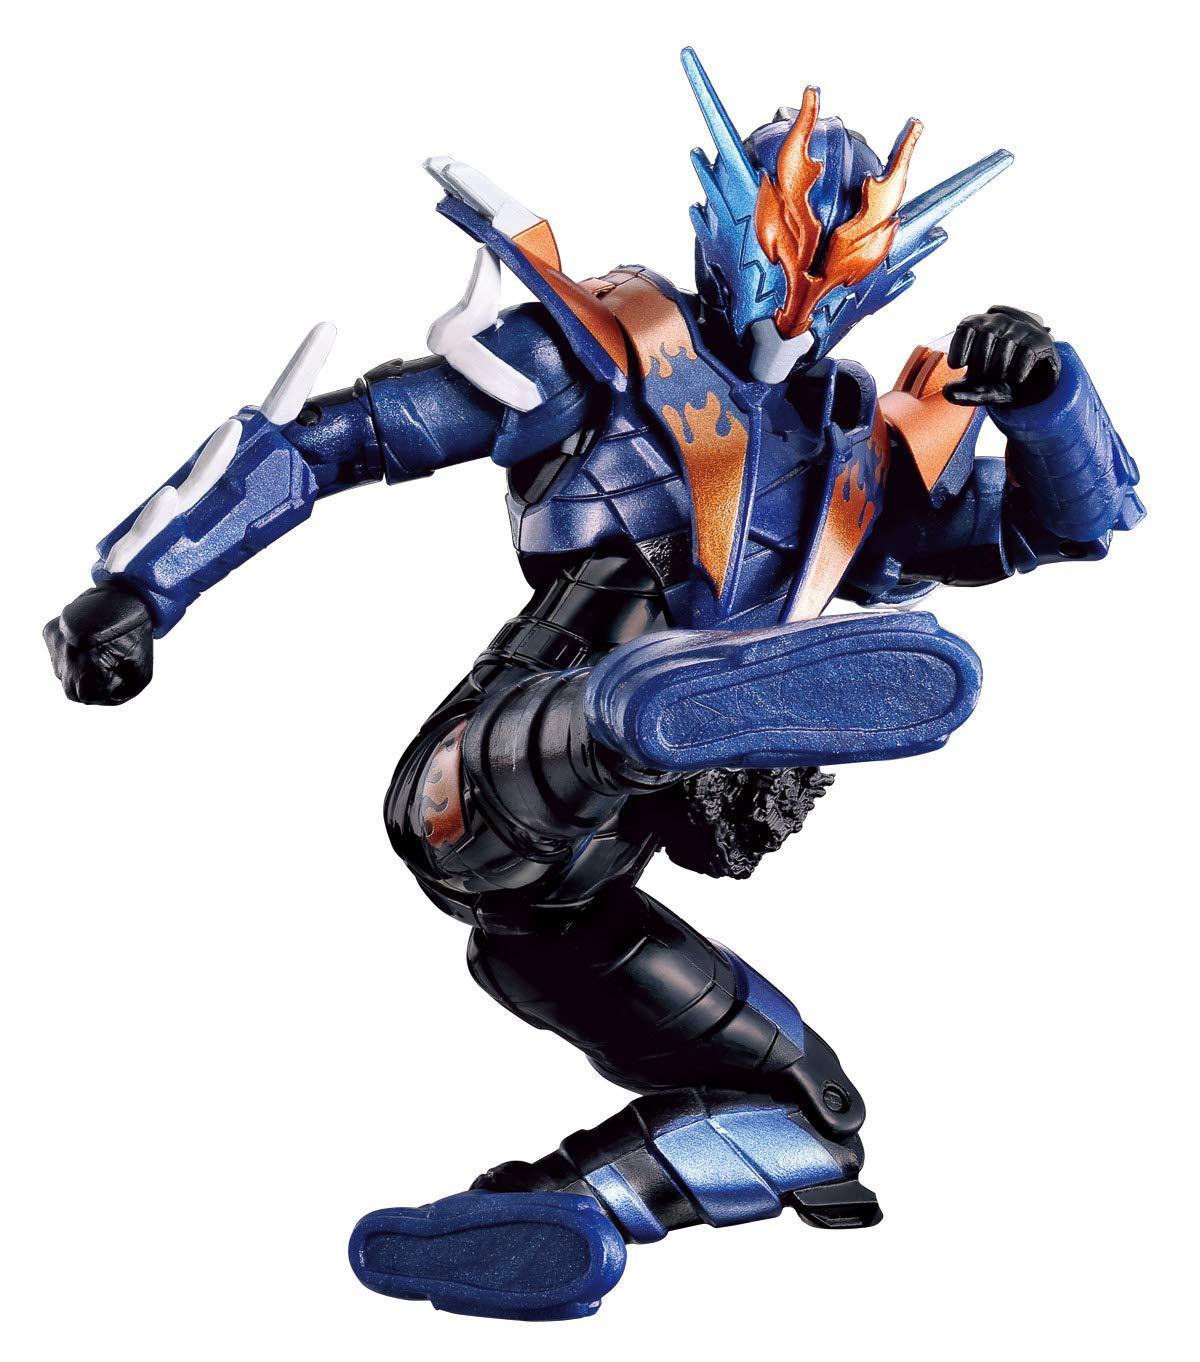 RKFレジェンドライダーシリーズ『仮面ライダークローズ|仮面ライダービルド』可動フィギュア-005